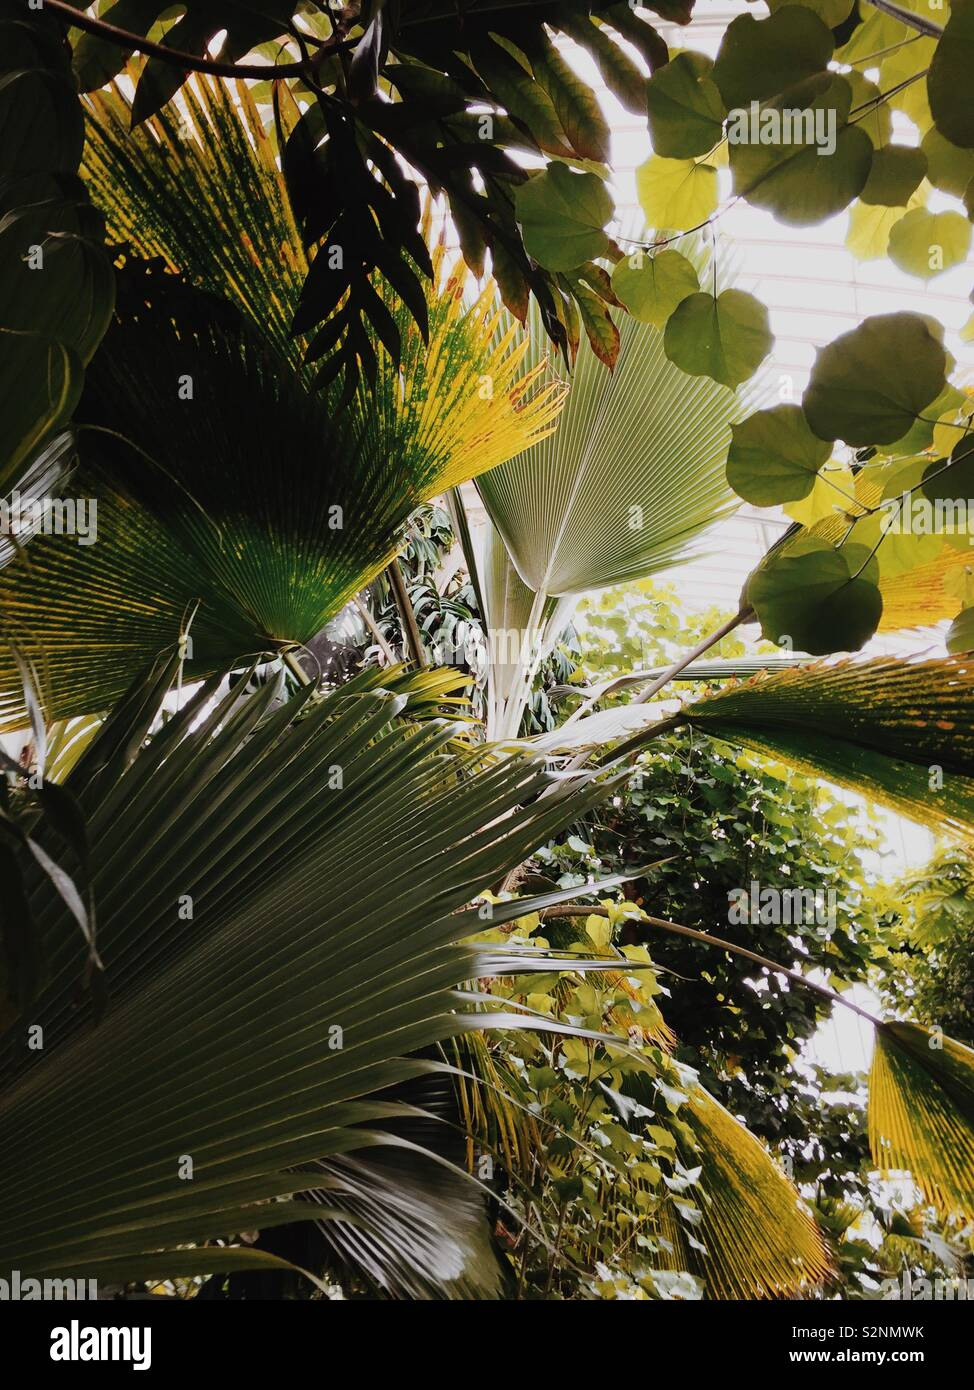 Hojas de palmera gigante en invernadero en el Jardín Botánico de Kew Foto de stock